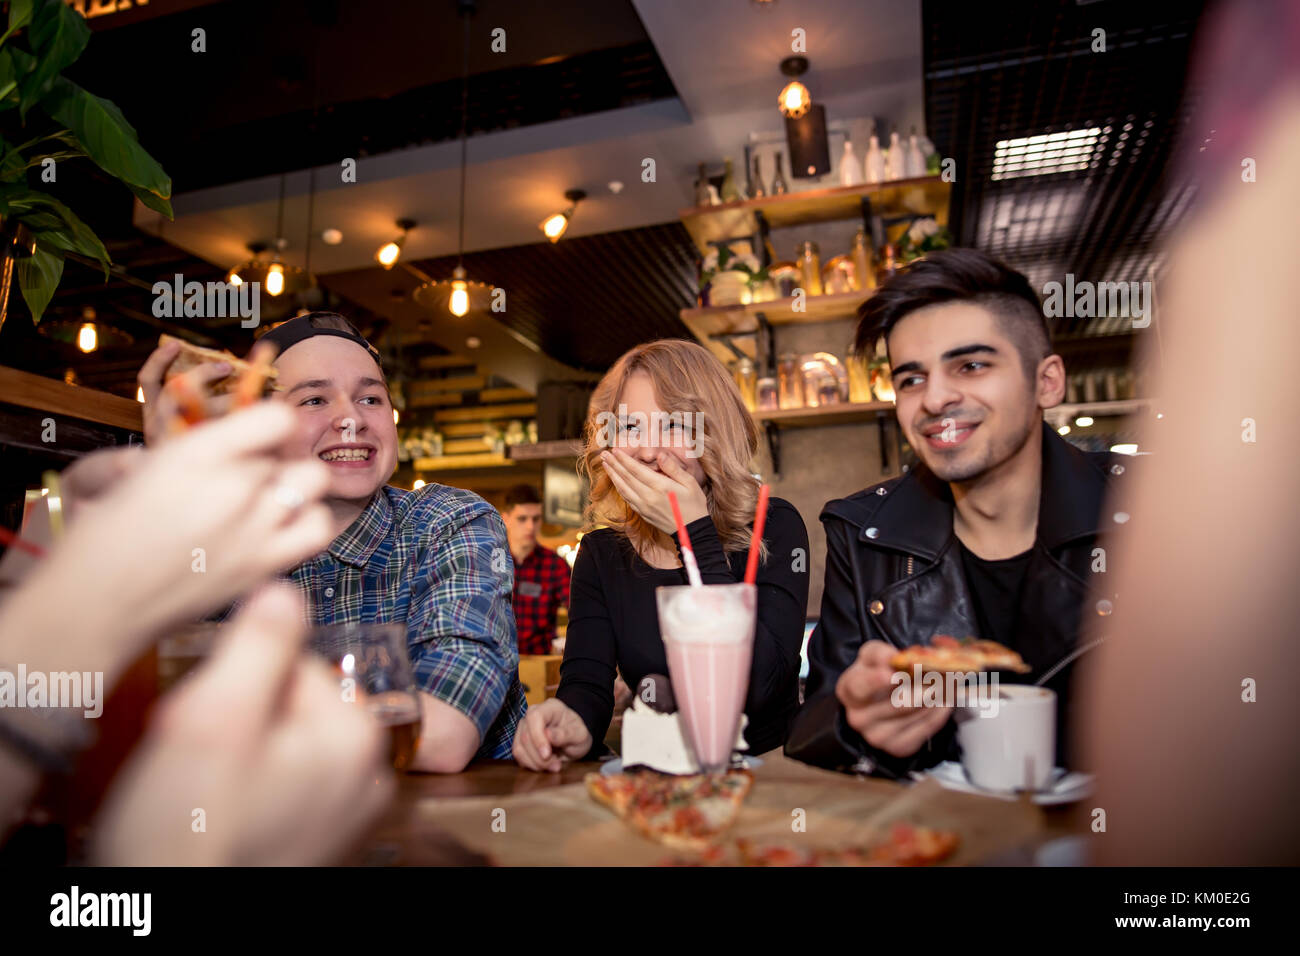 Gli amici sorseggiando un caffè insieme. per uomo e donna presso il cafe, parlare, ridere Immagini Stock